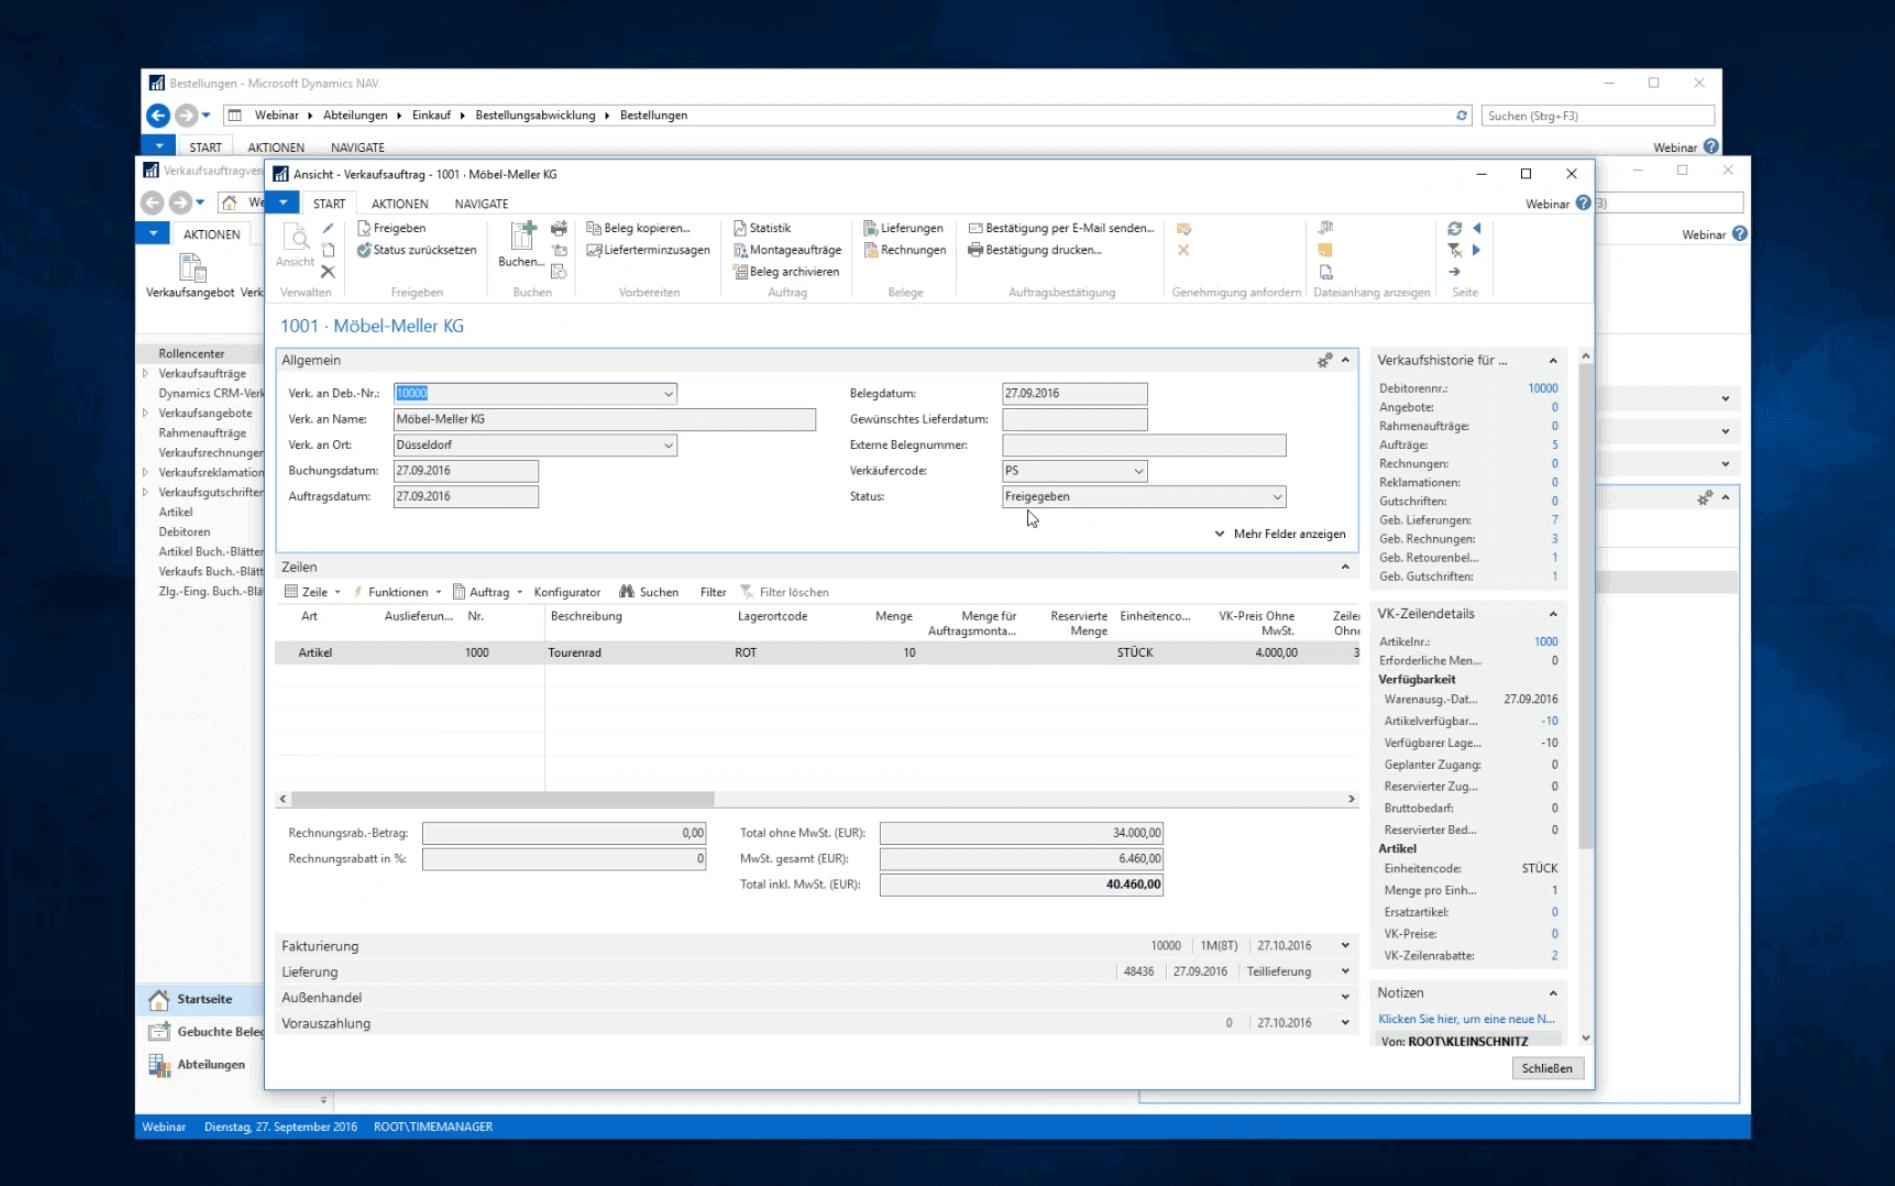 Webinar Workflow In Dynamics NAV 2016 (6)